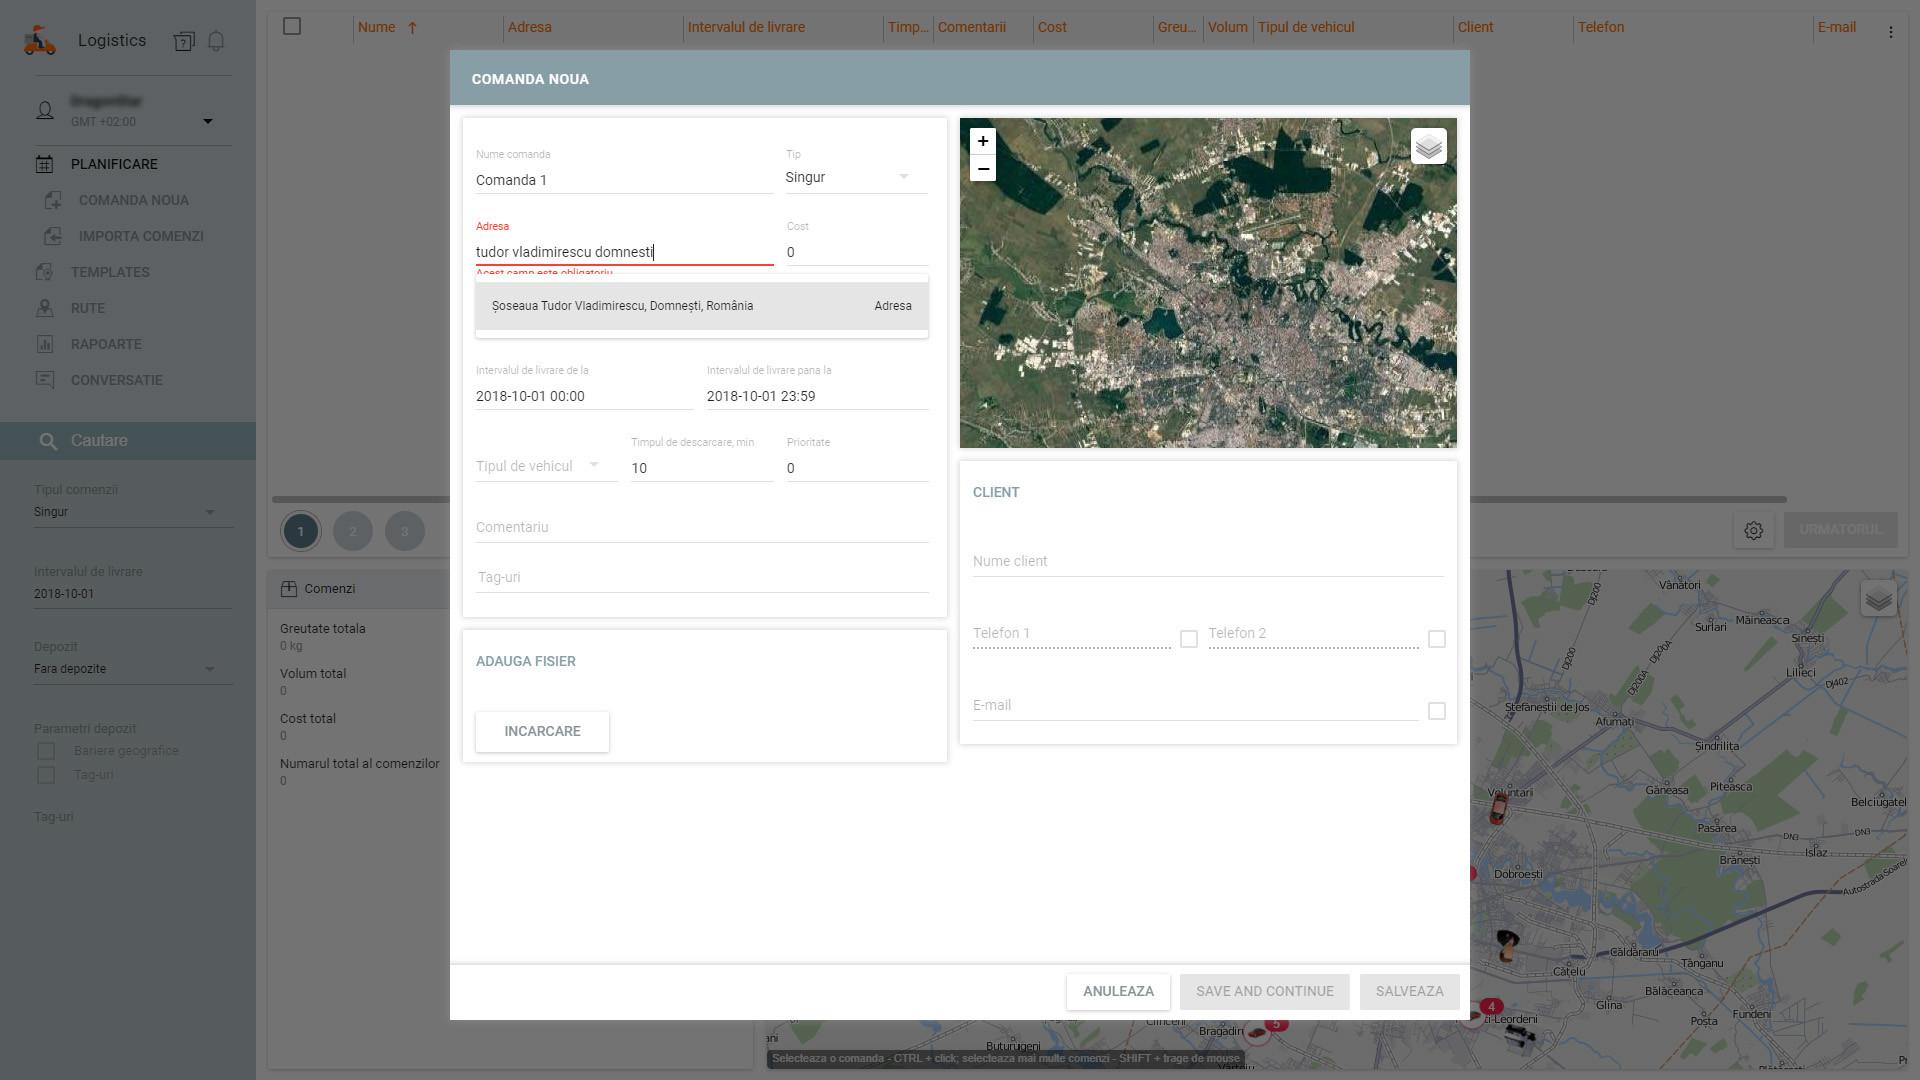 ProGPS monitorizare GPS - modul logistica